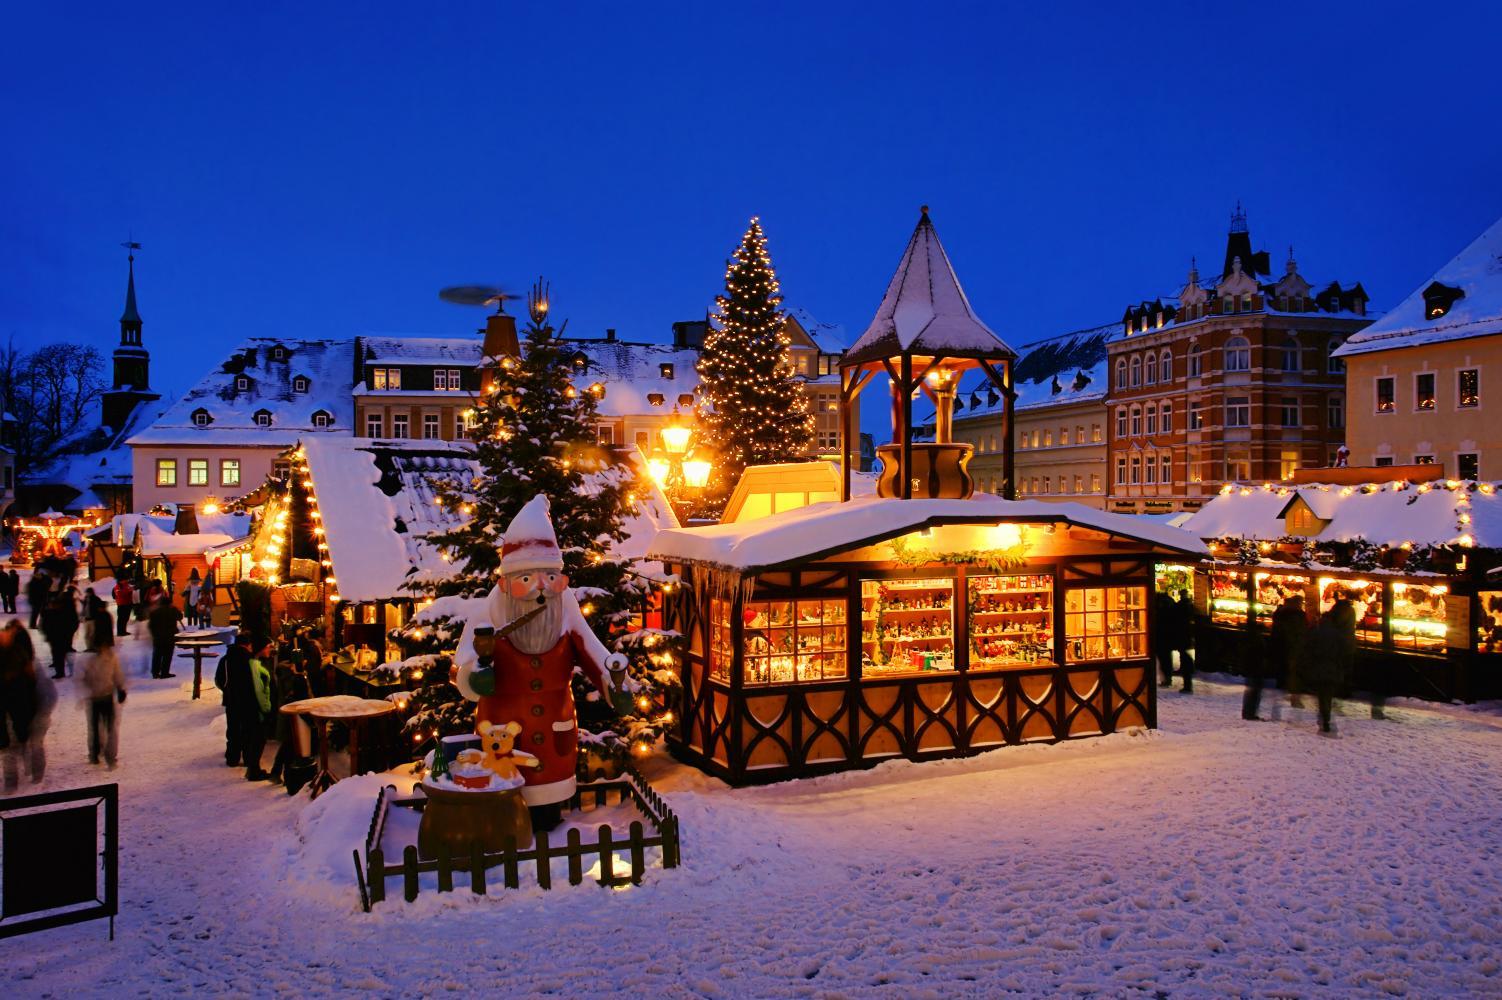 Kerstmarktcruise Dusseldorf Feenstra Rijn Lijn